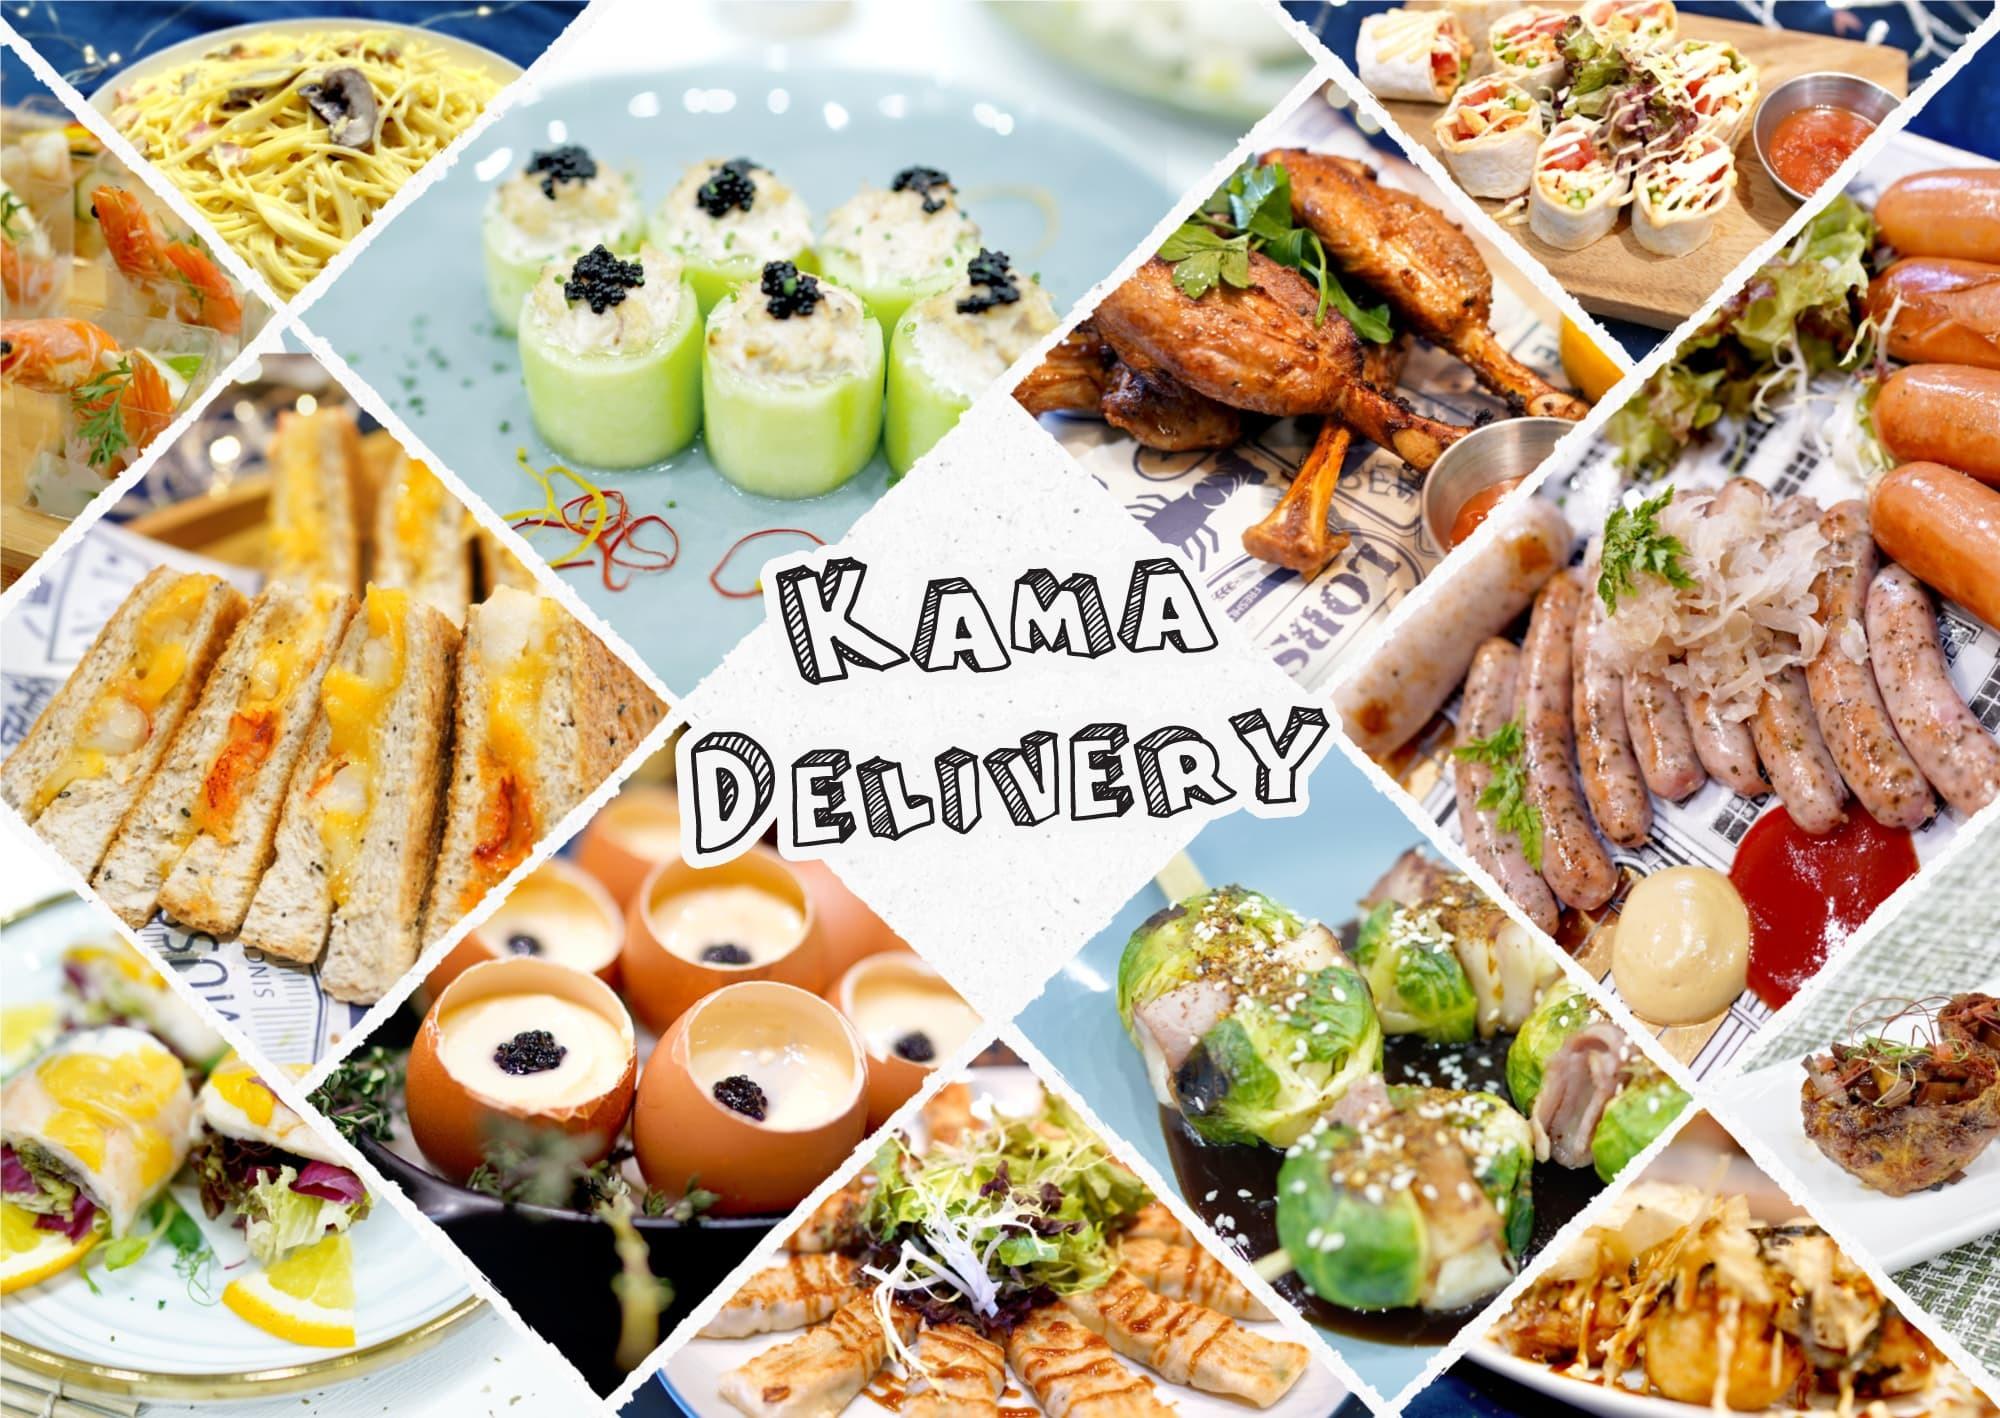 到會37人外賣.推介首選|Kama Delivery除了提供特色抵食單點美食外,更打造出多款到會套餐,並承接多人大型到會服務。不論是私人派對或是公司活動,Kama Delivery必定是訂購Party Food的不二之選!